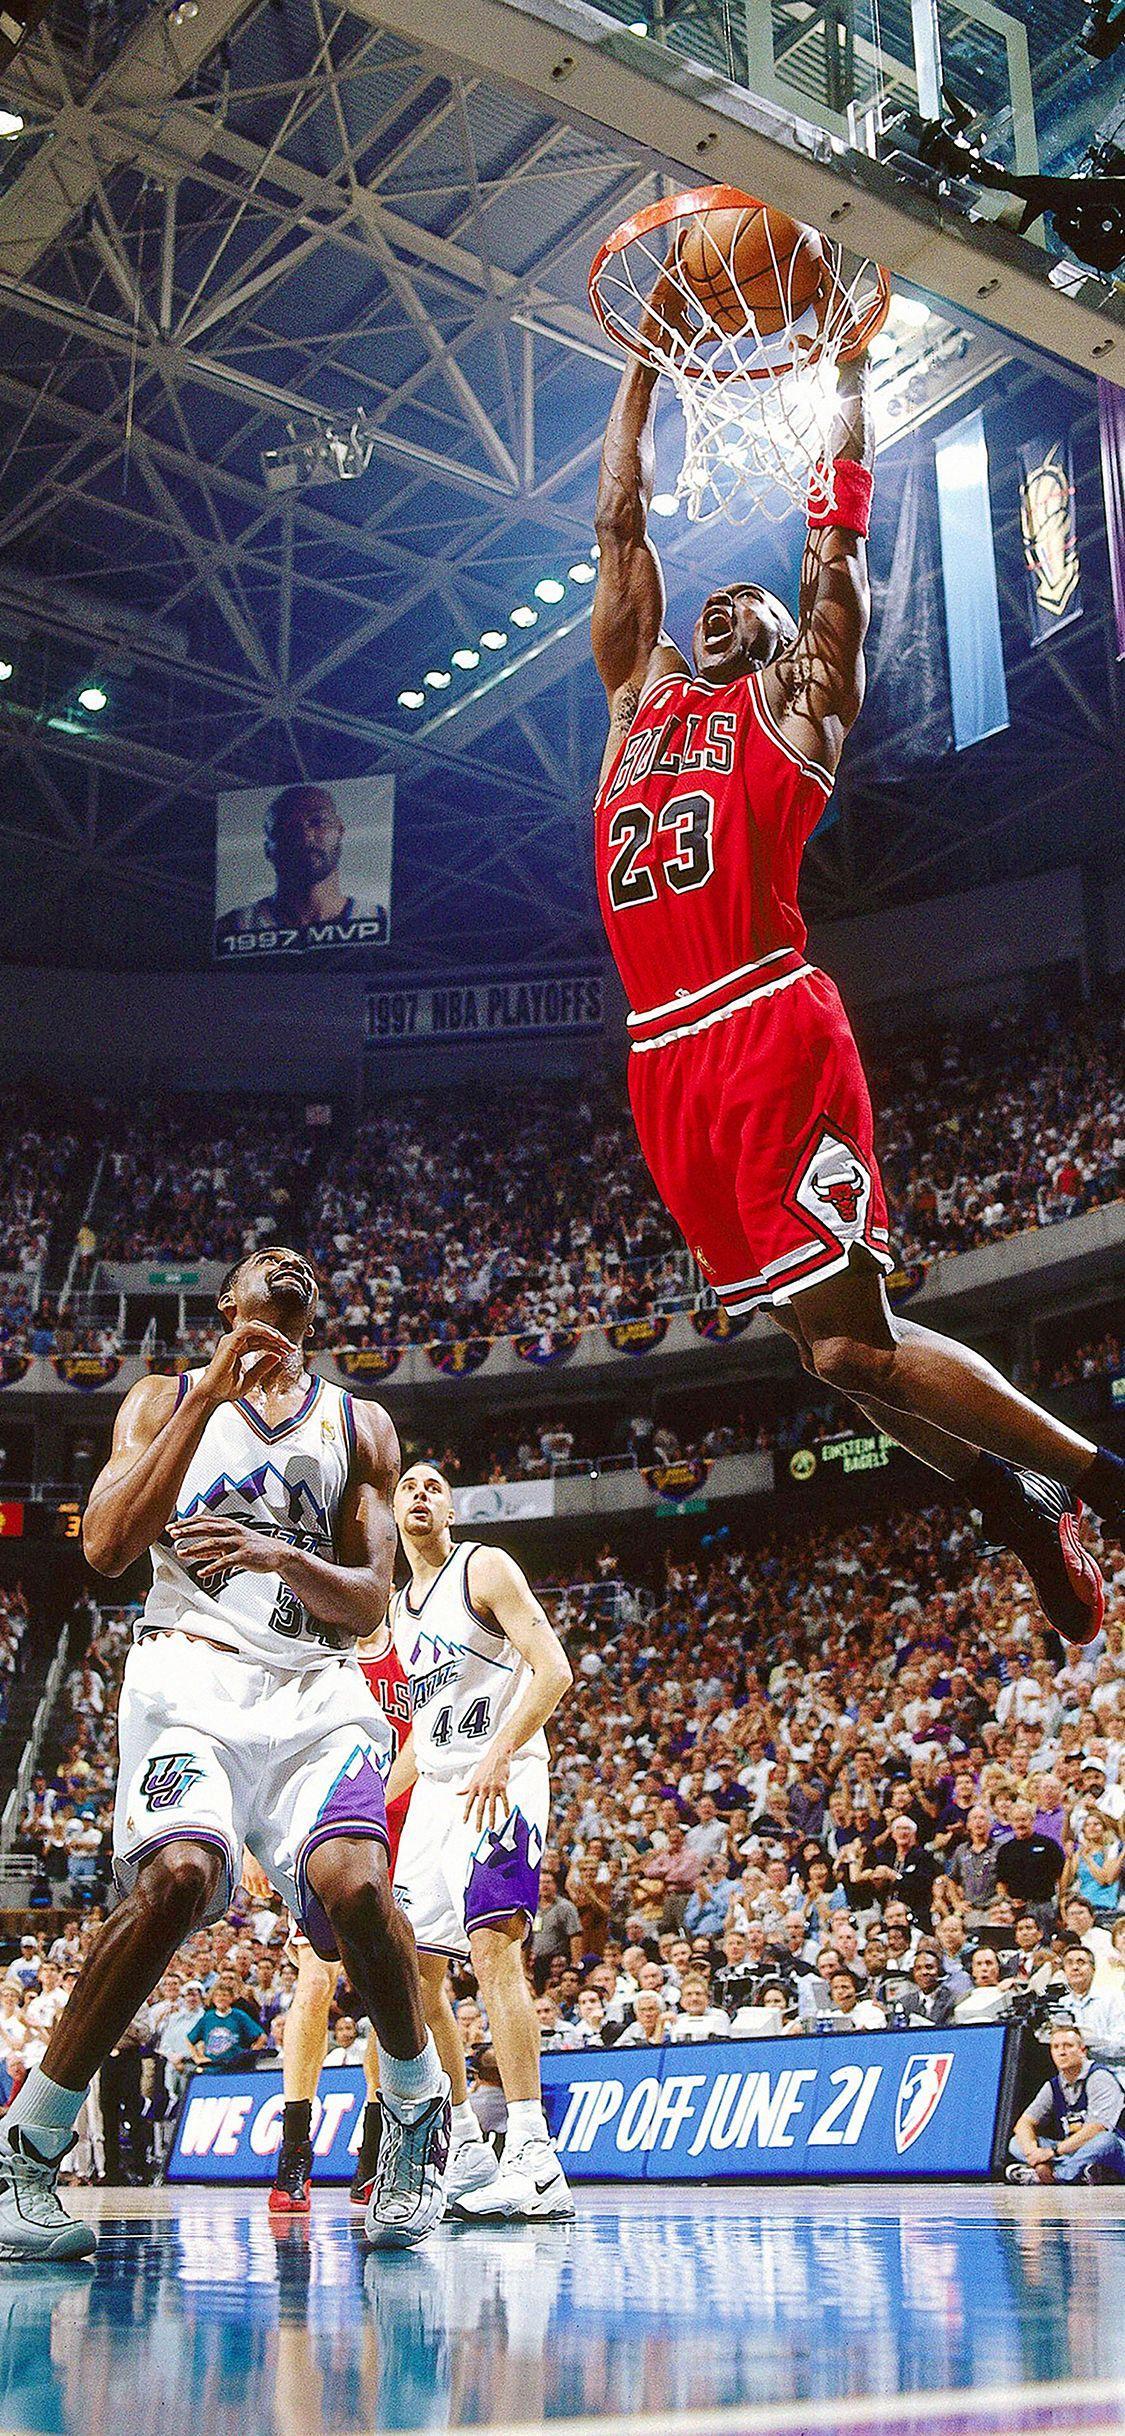 Michael Jordan Iphone Wallpapers Top Free Michael Jordan Iphone Backgrounds Wallpaperaccess